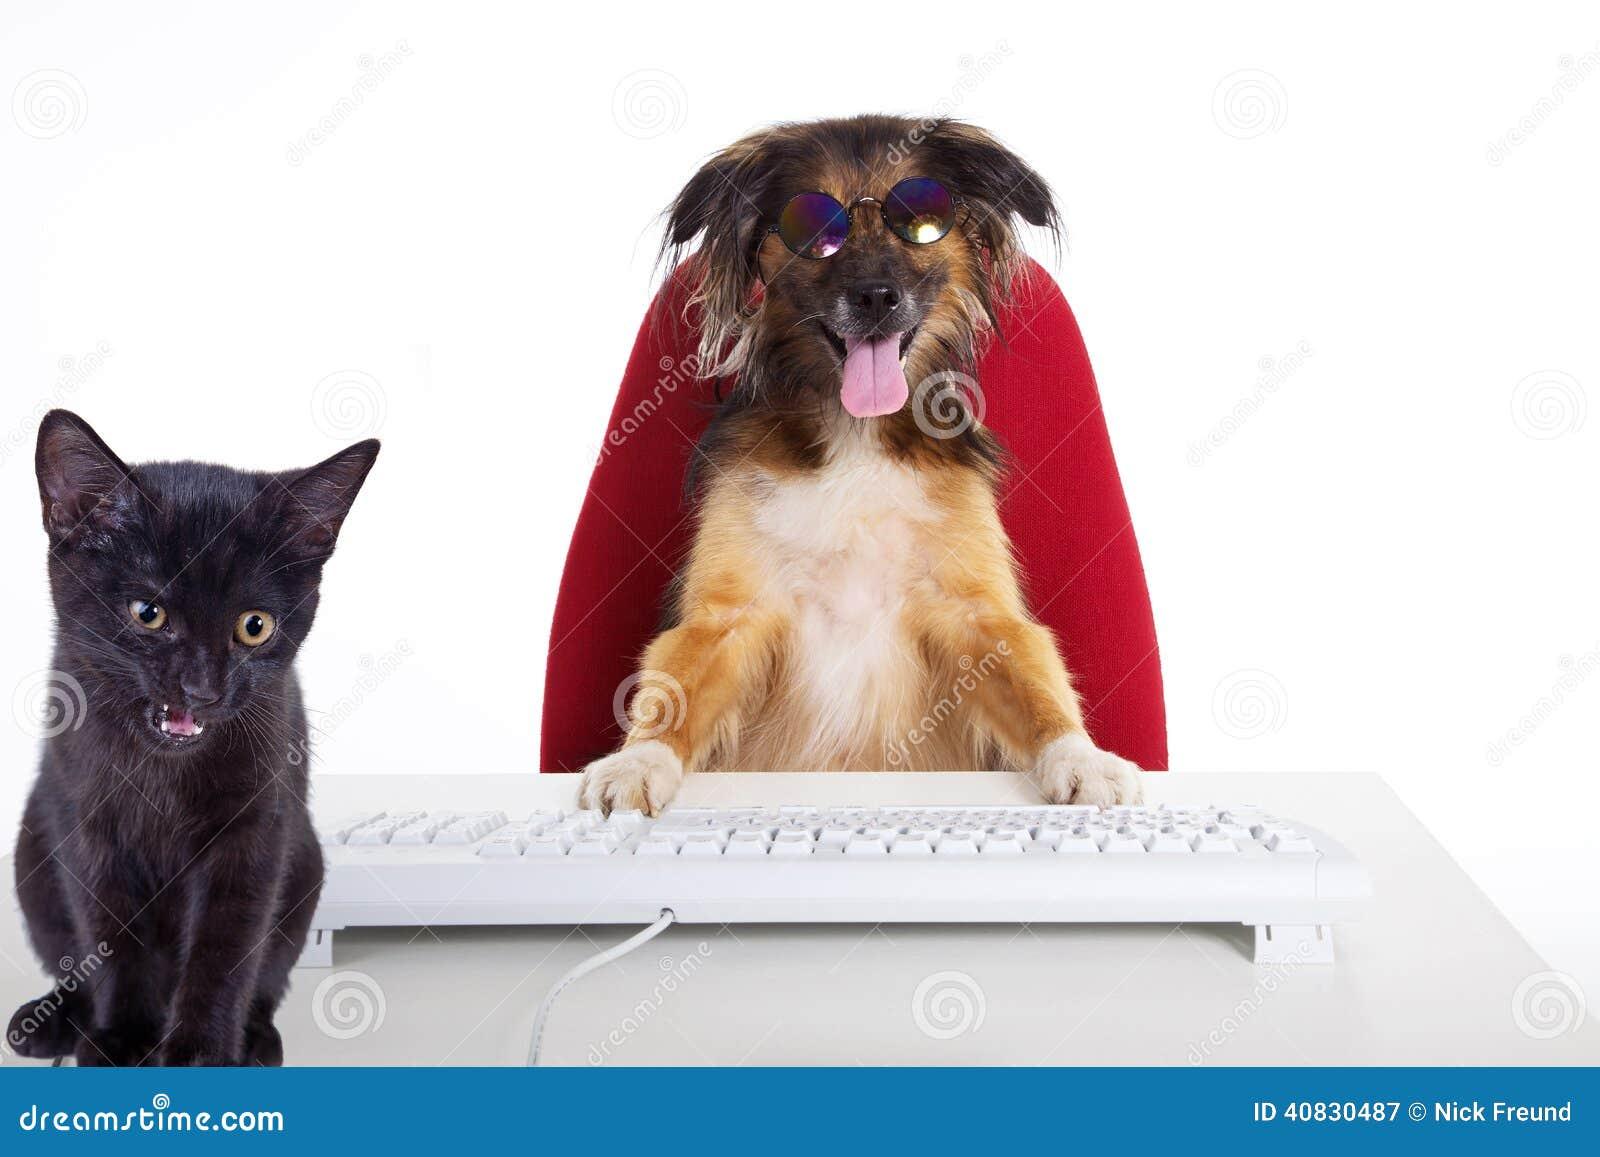 Повар кот и собака